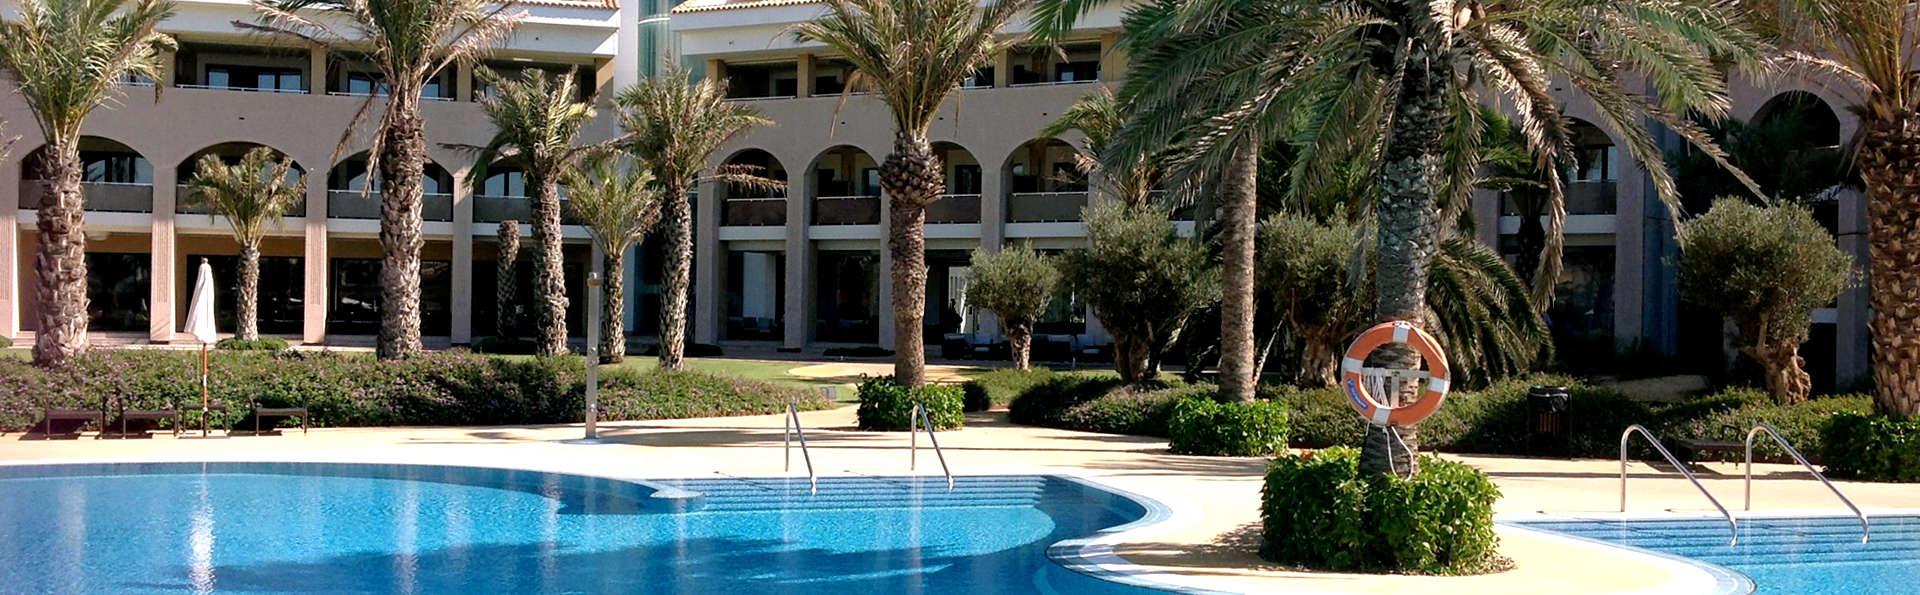 Escapada con cena y spa en resort 5* de lujo en la Costa de Almería